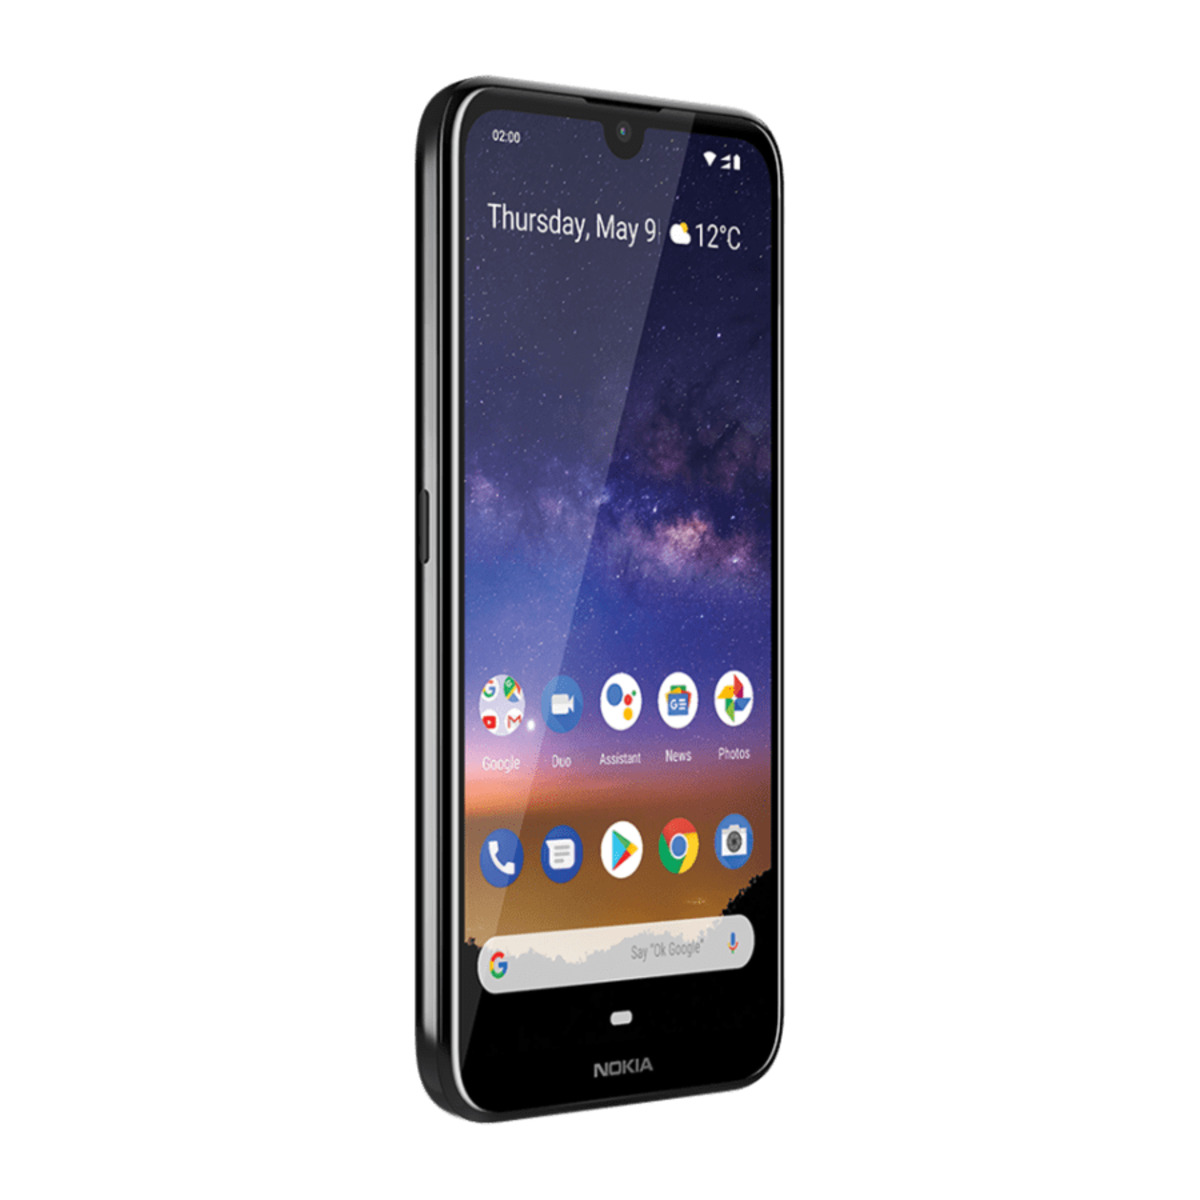 """Bild 2 von NOKIA 2.2 (2019) 14,5 cm (5,71"""") Smartphone mit Android 9"""